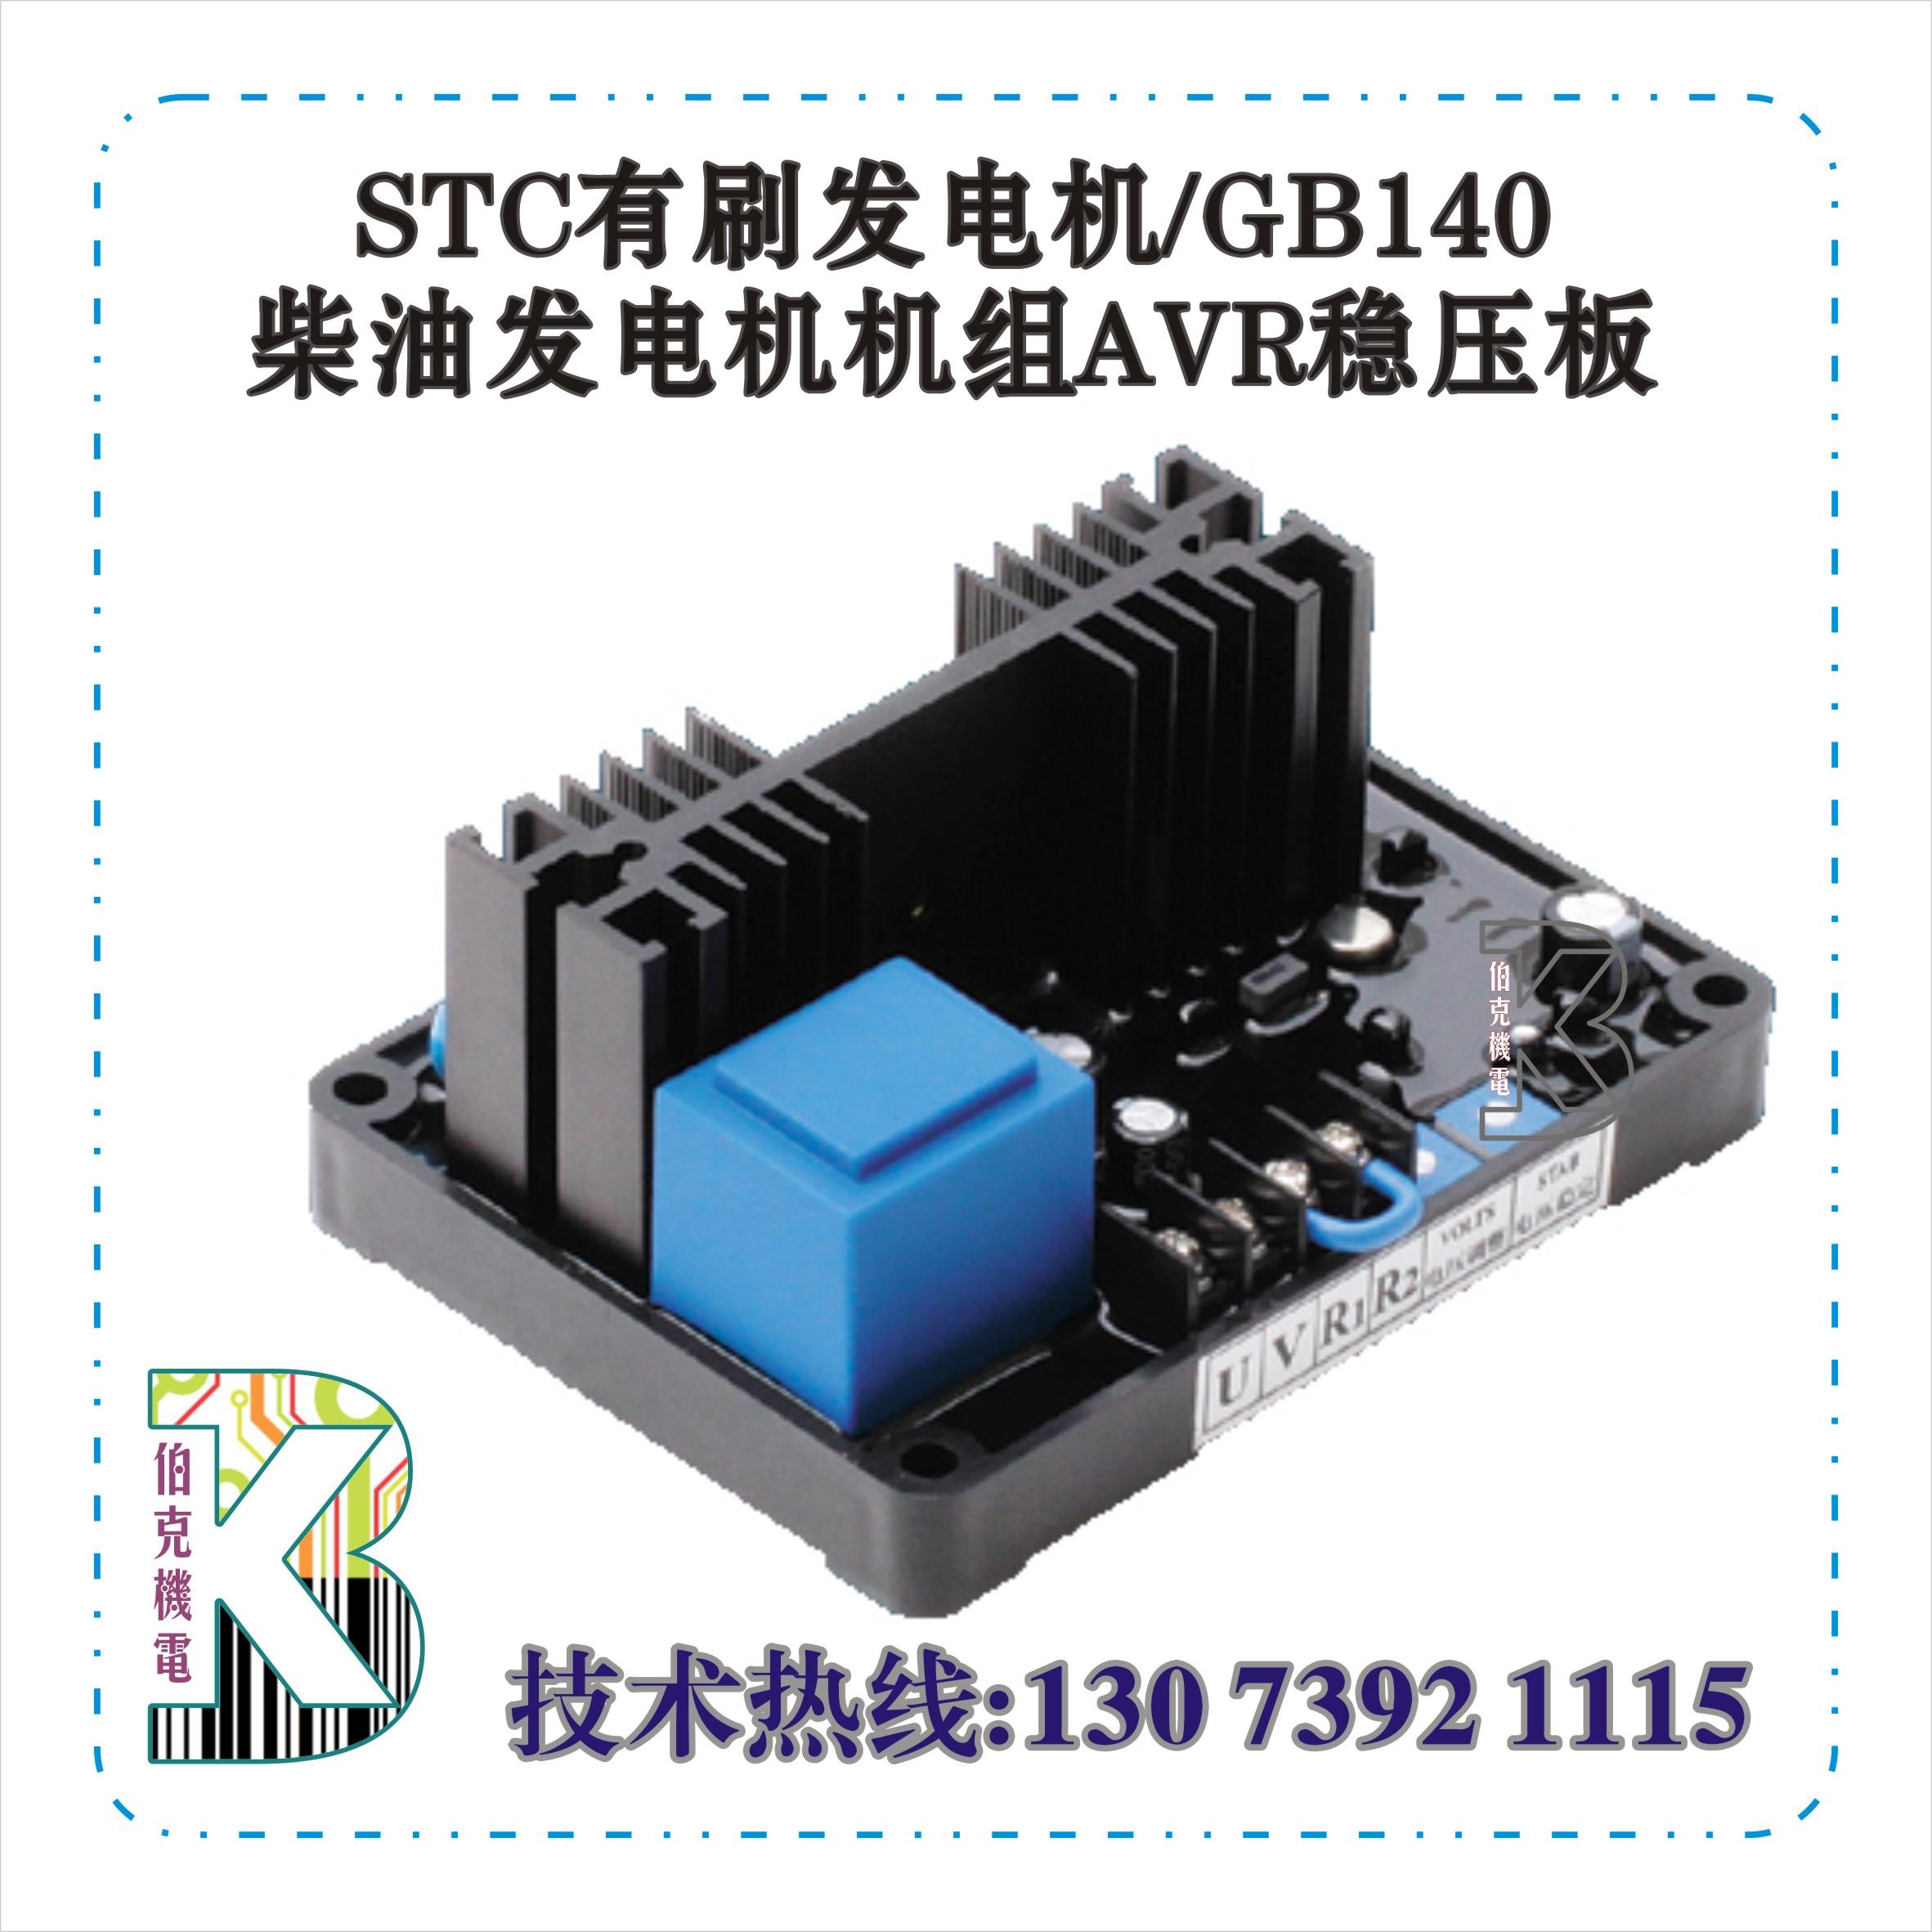 Duplex GB-140 escova gerador AVR regulador de tensão a Bordo regulador automático de tensão do gerador, acessórios